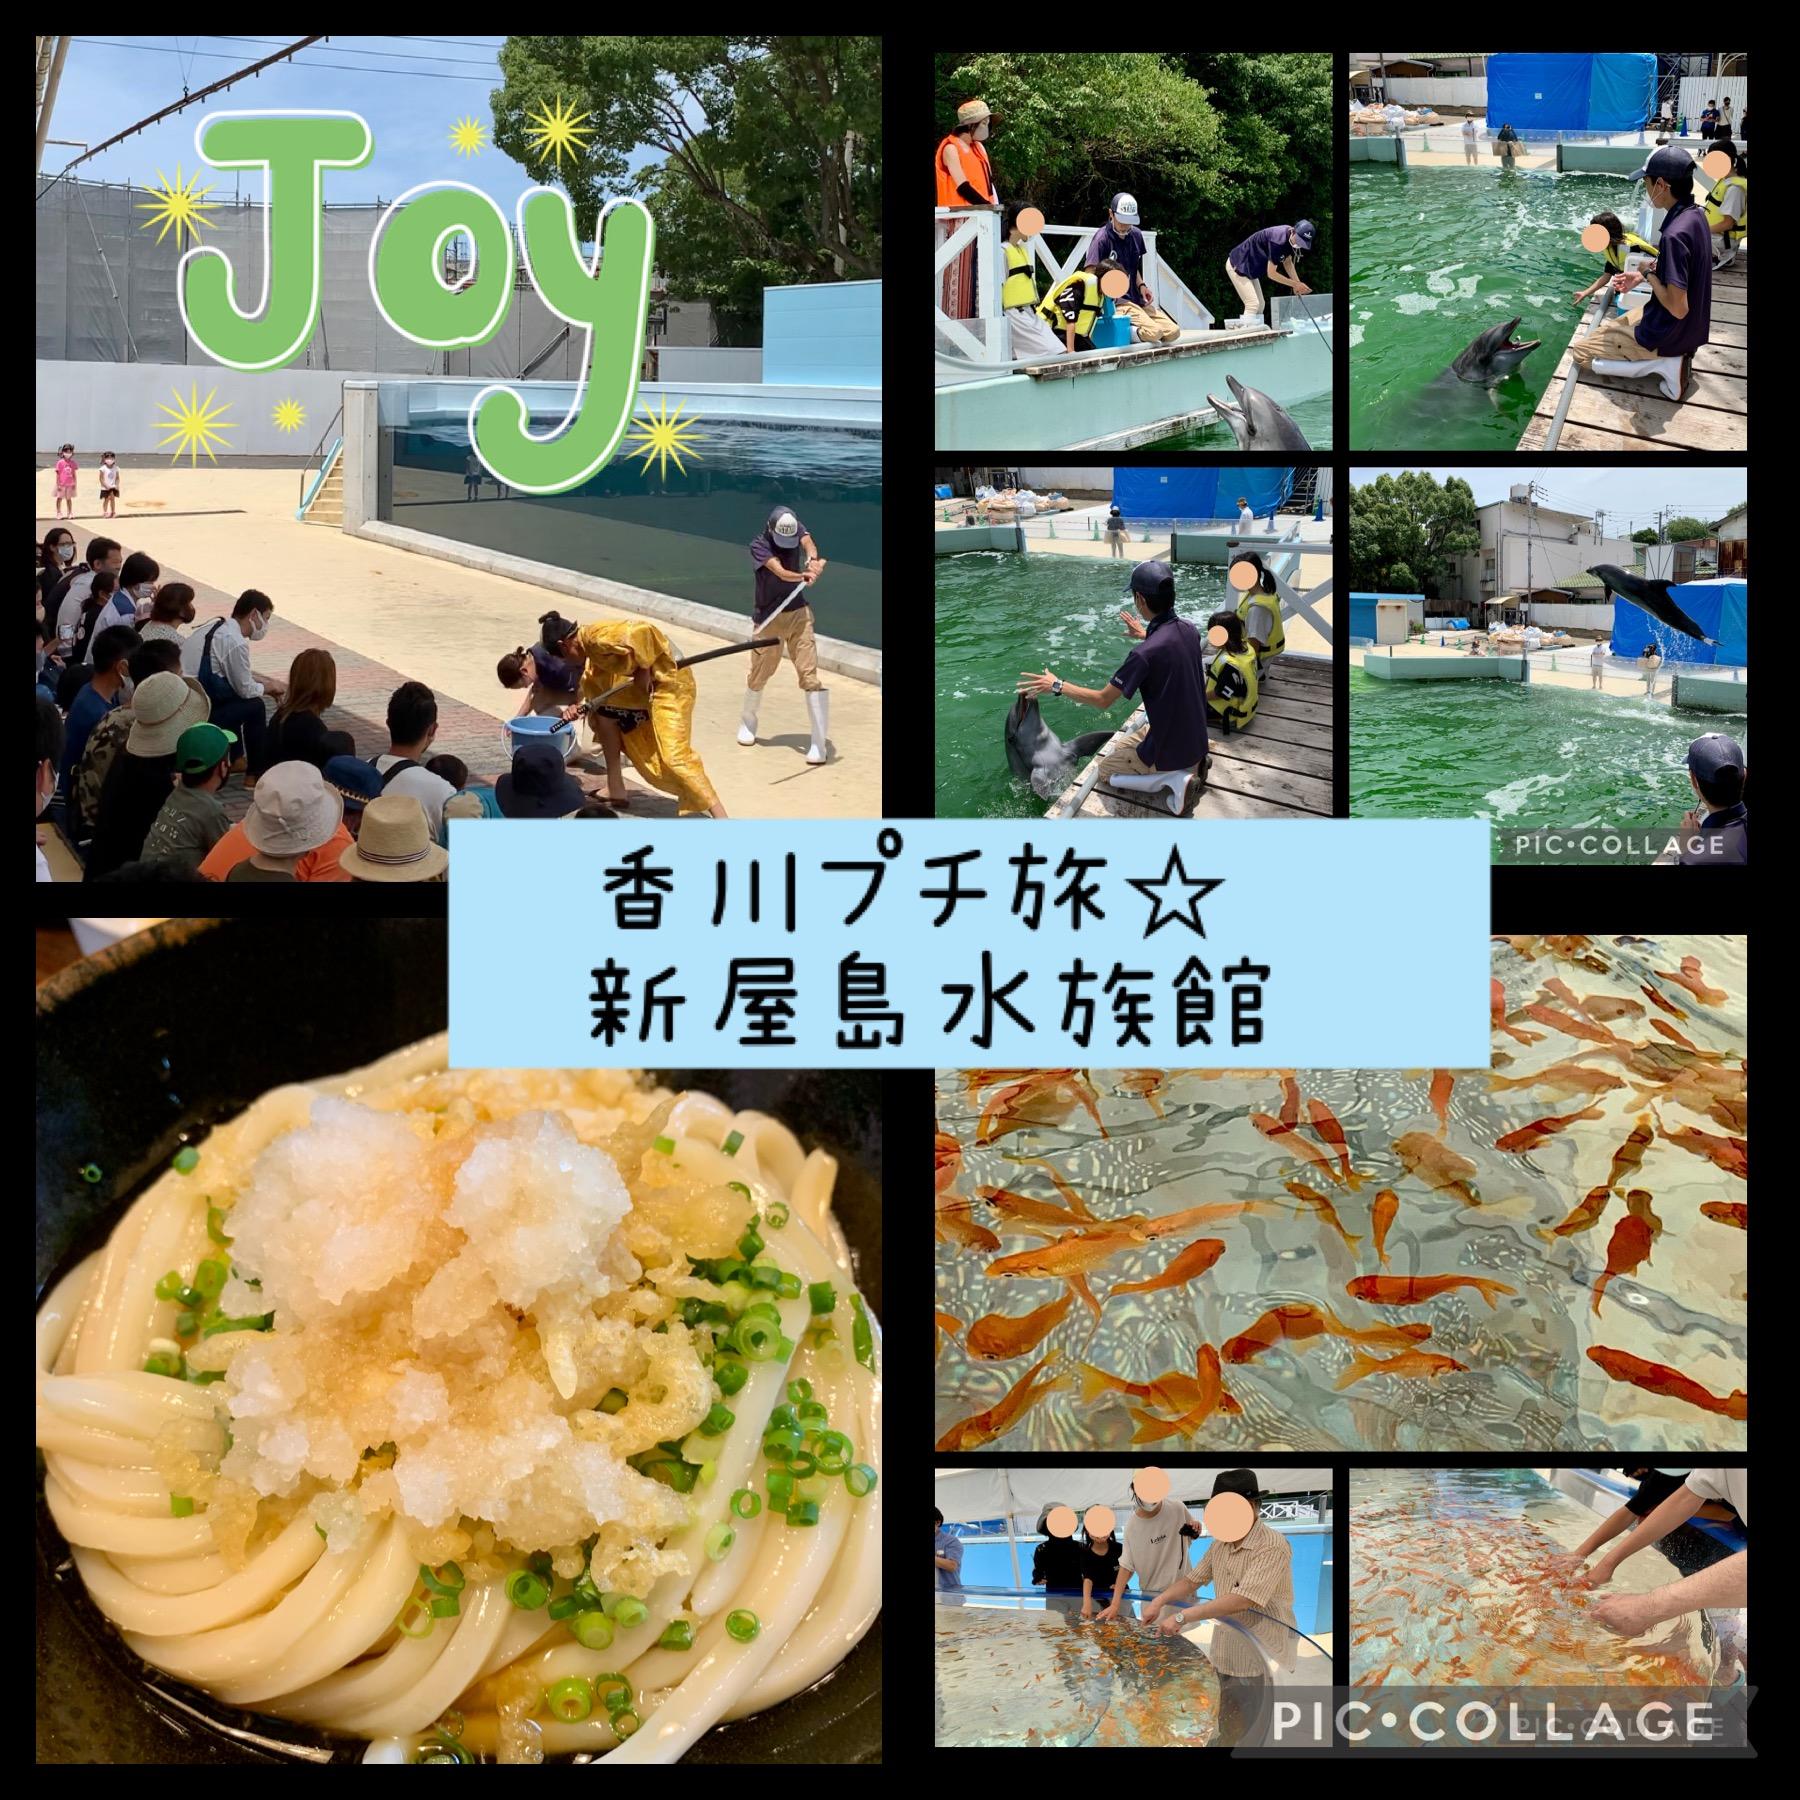 新屋島水族館ブログ